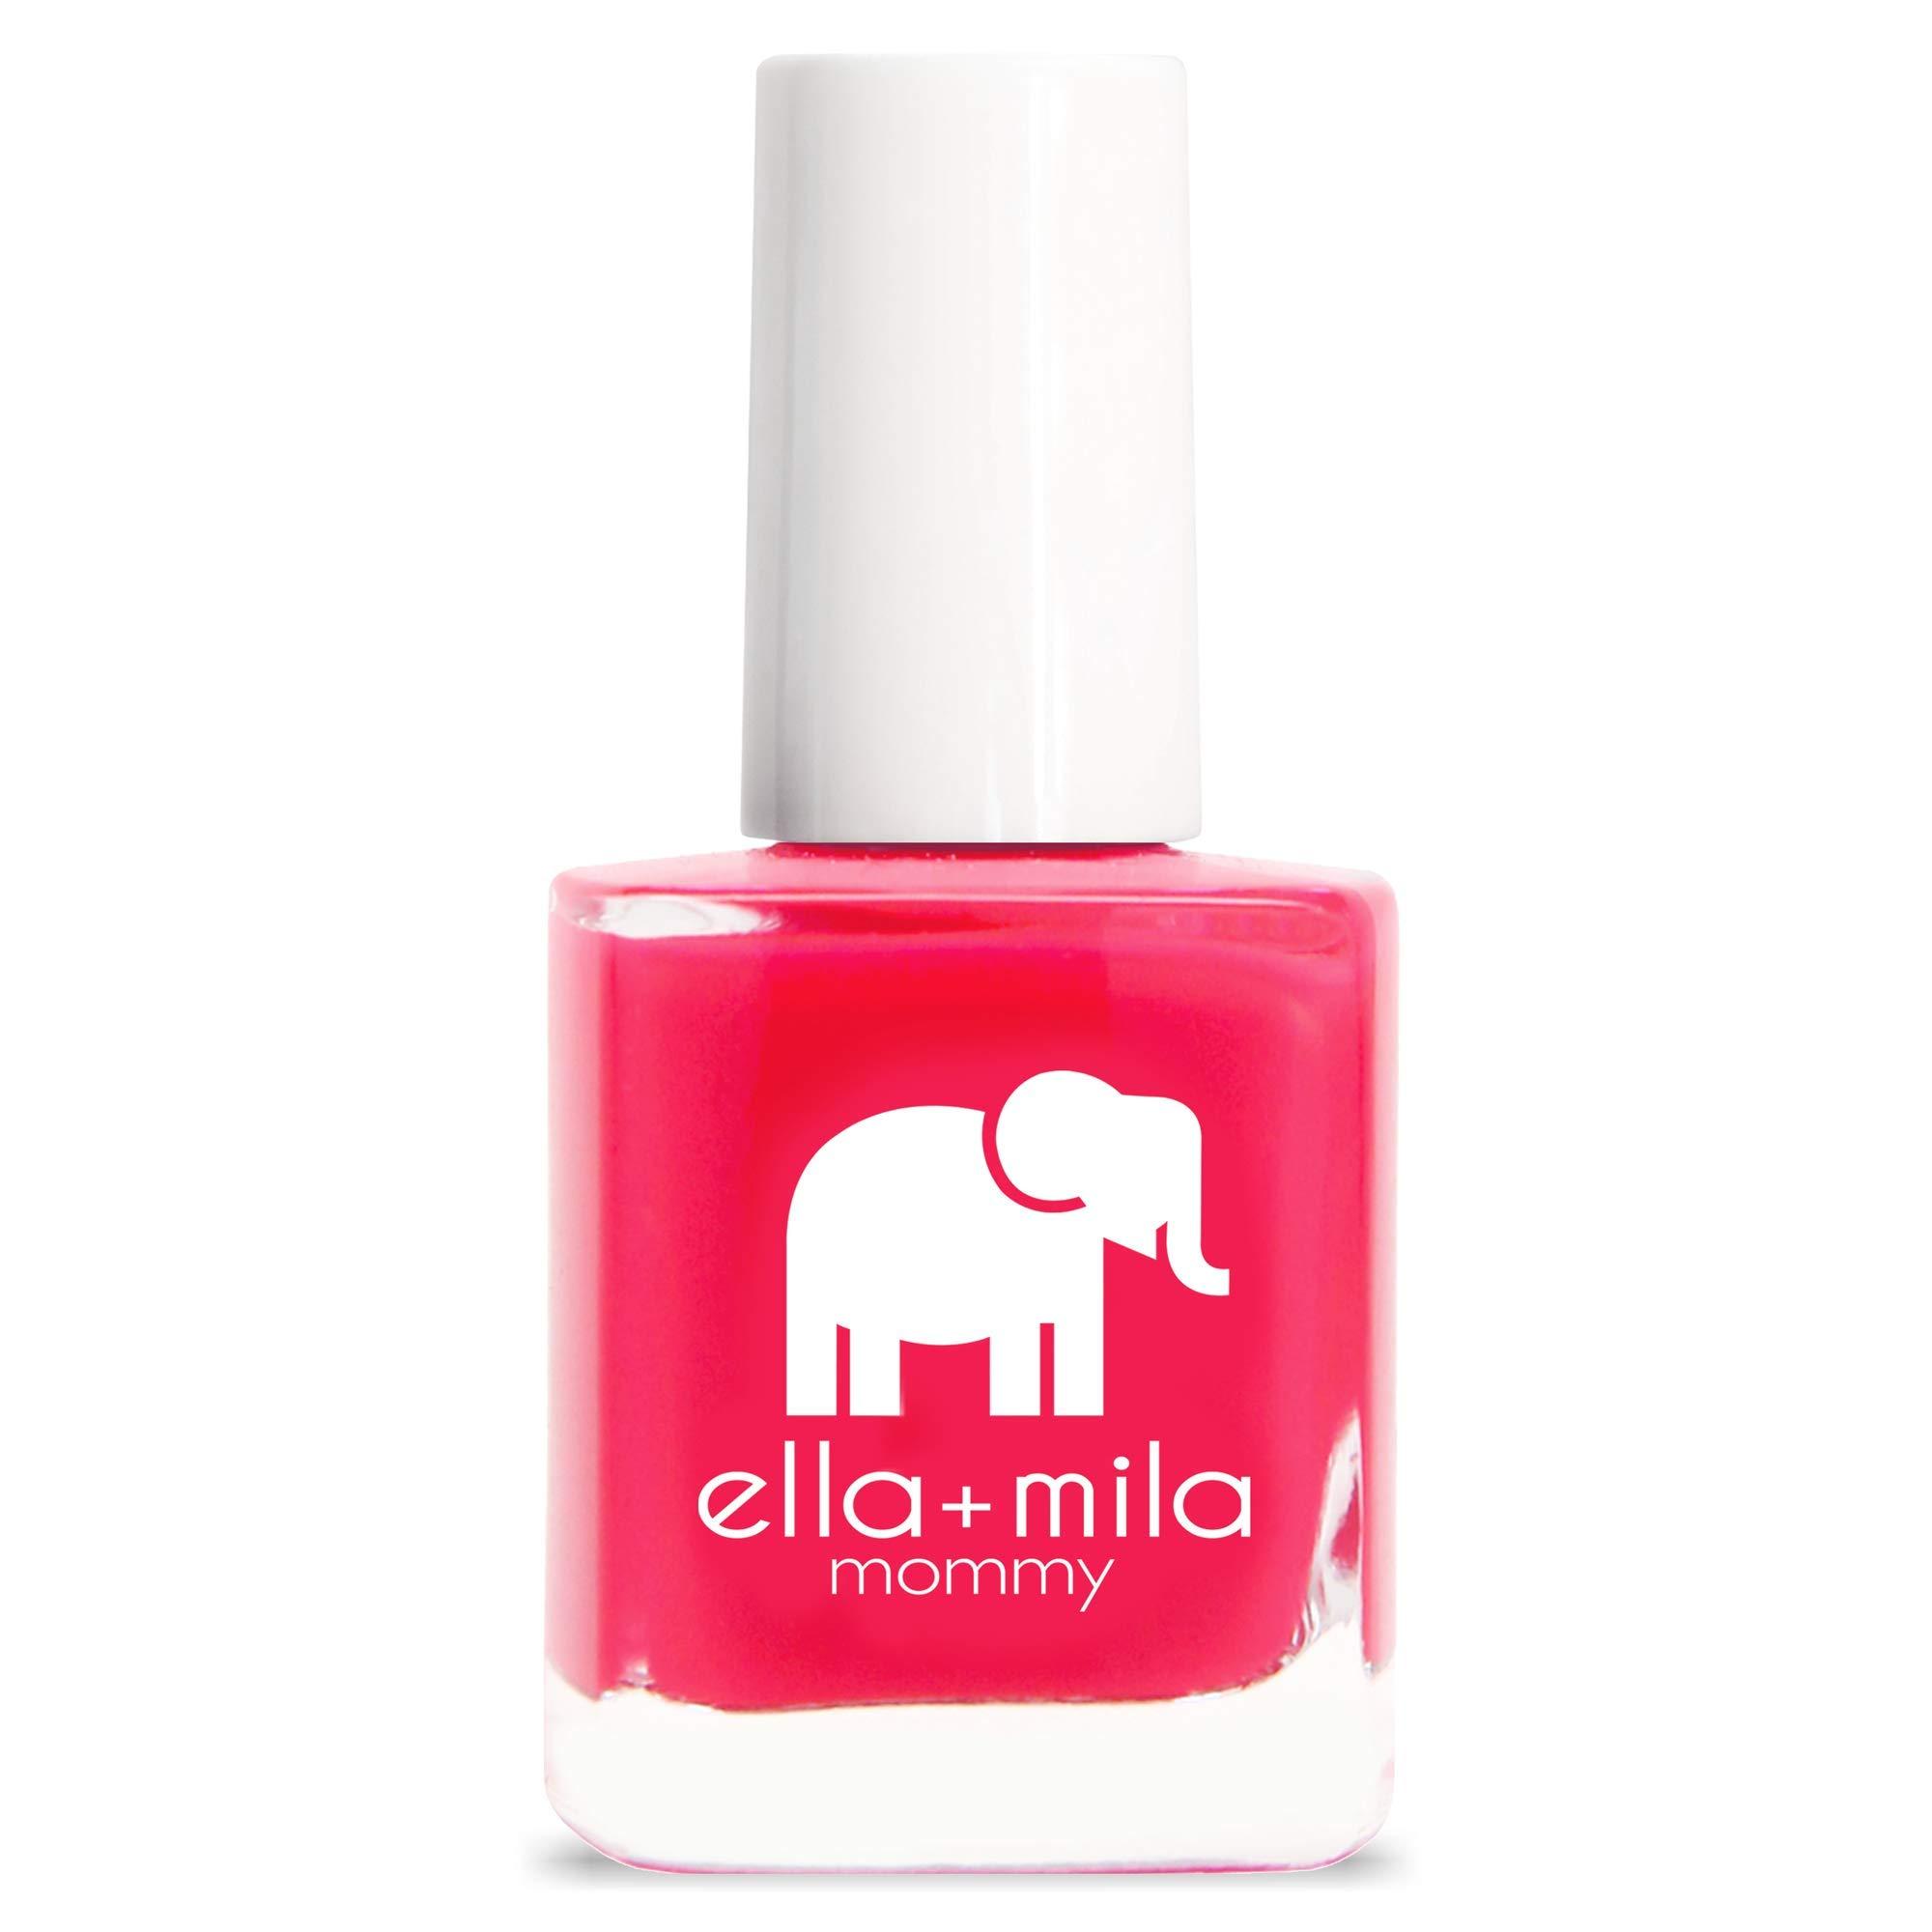 ella+mila Nail Polish, Mommy Collection - Melonade